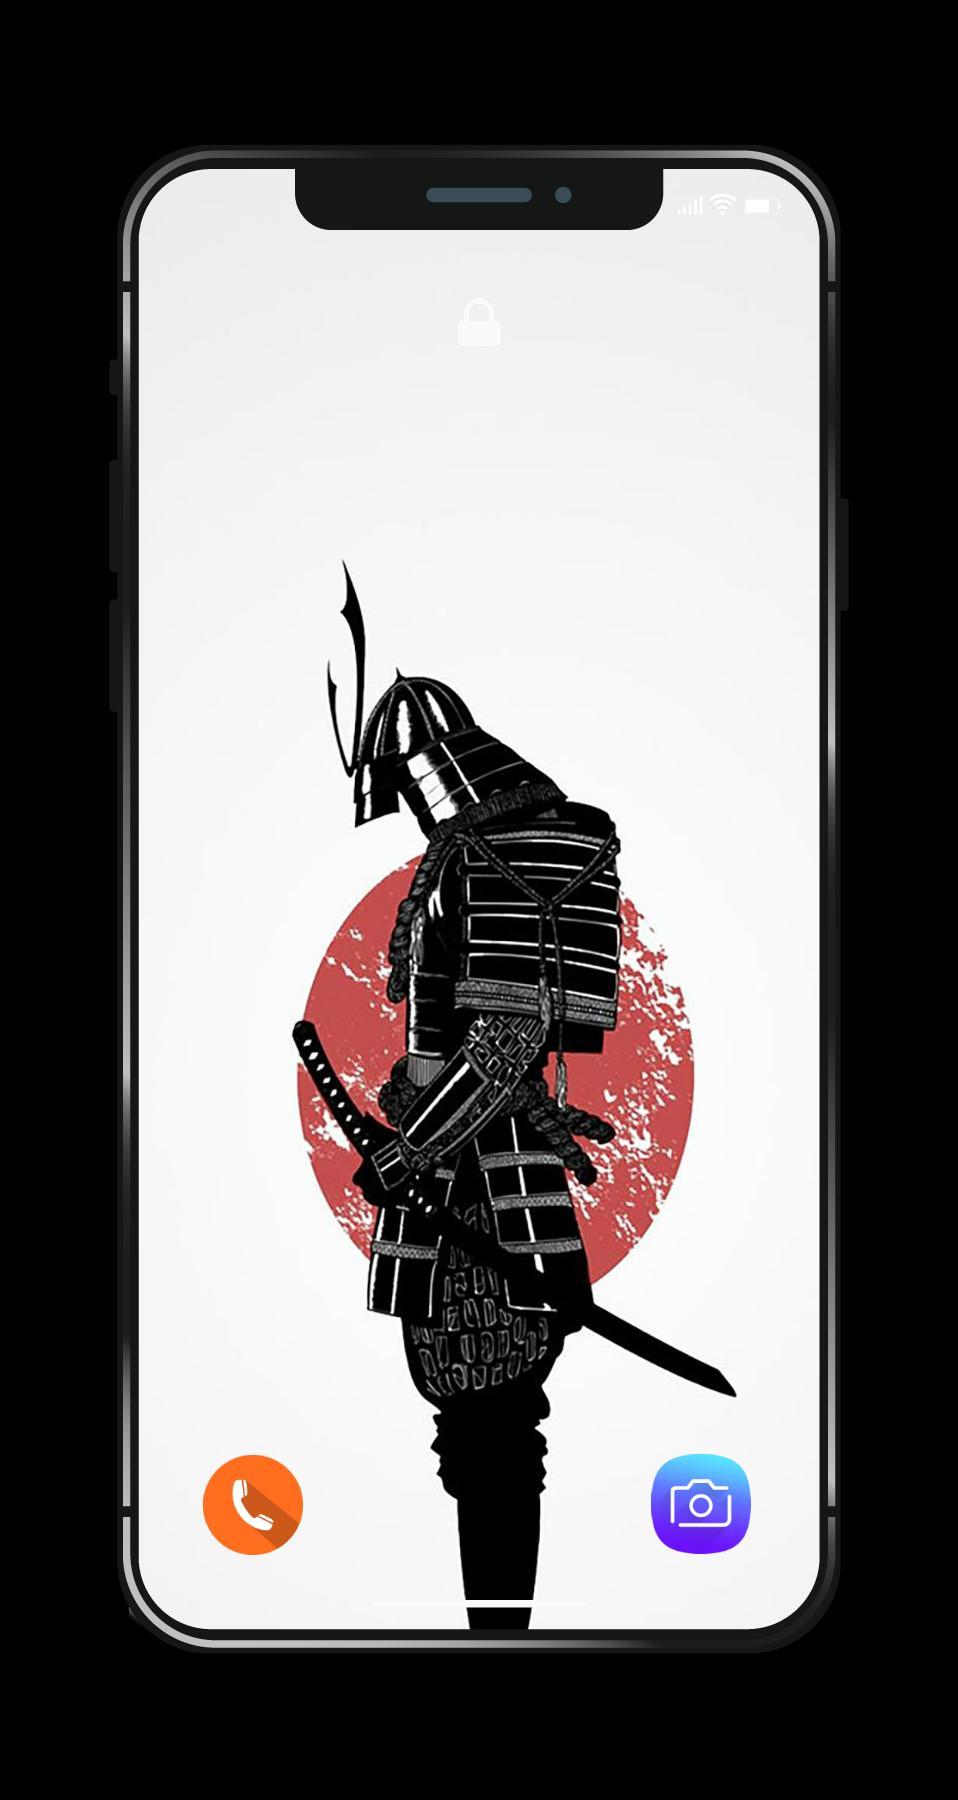 Samurai Wallpaper 4k - Gambar Ngetrend dan VIRAL